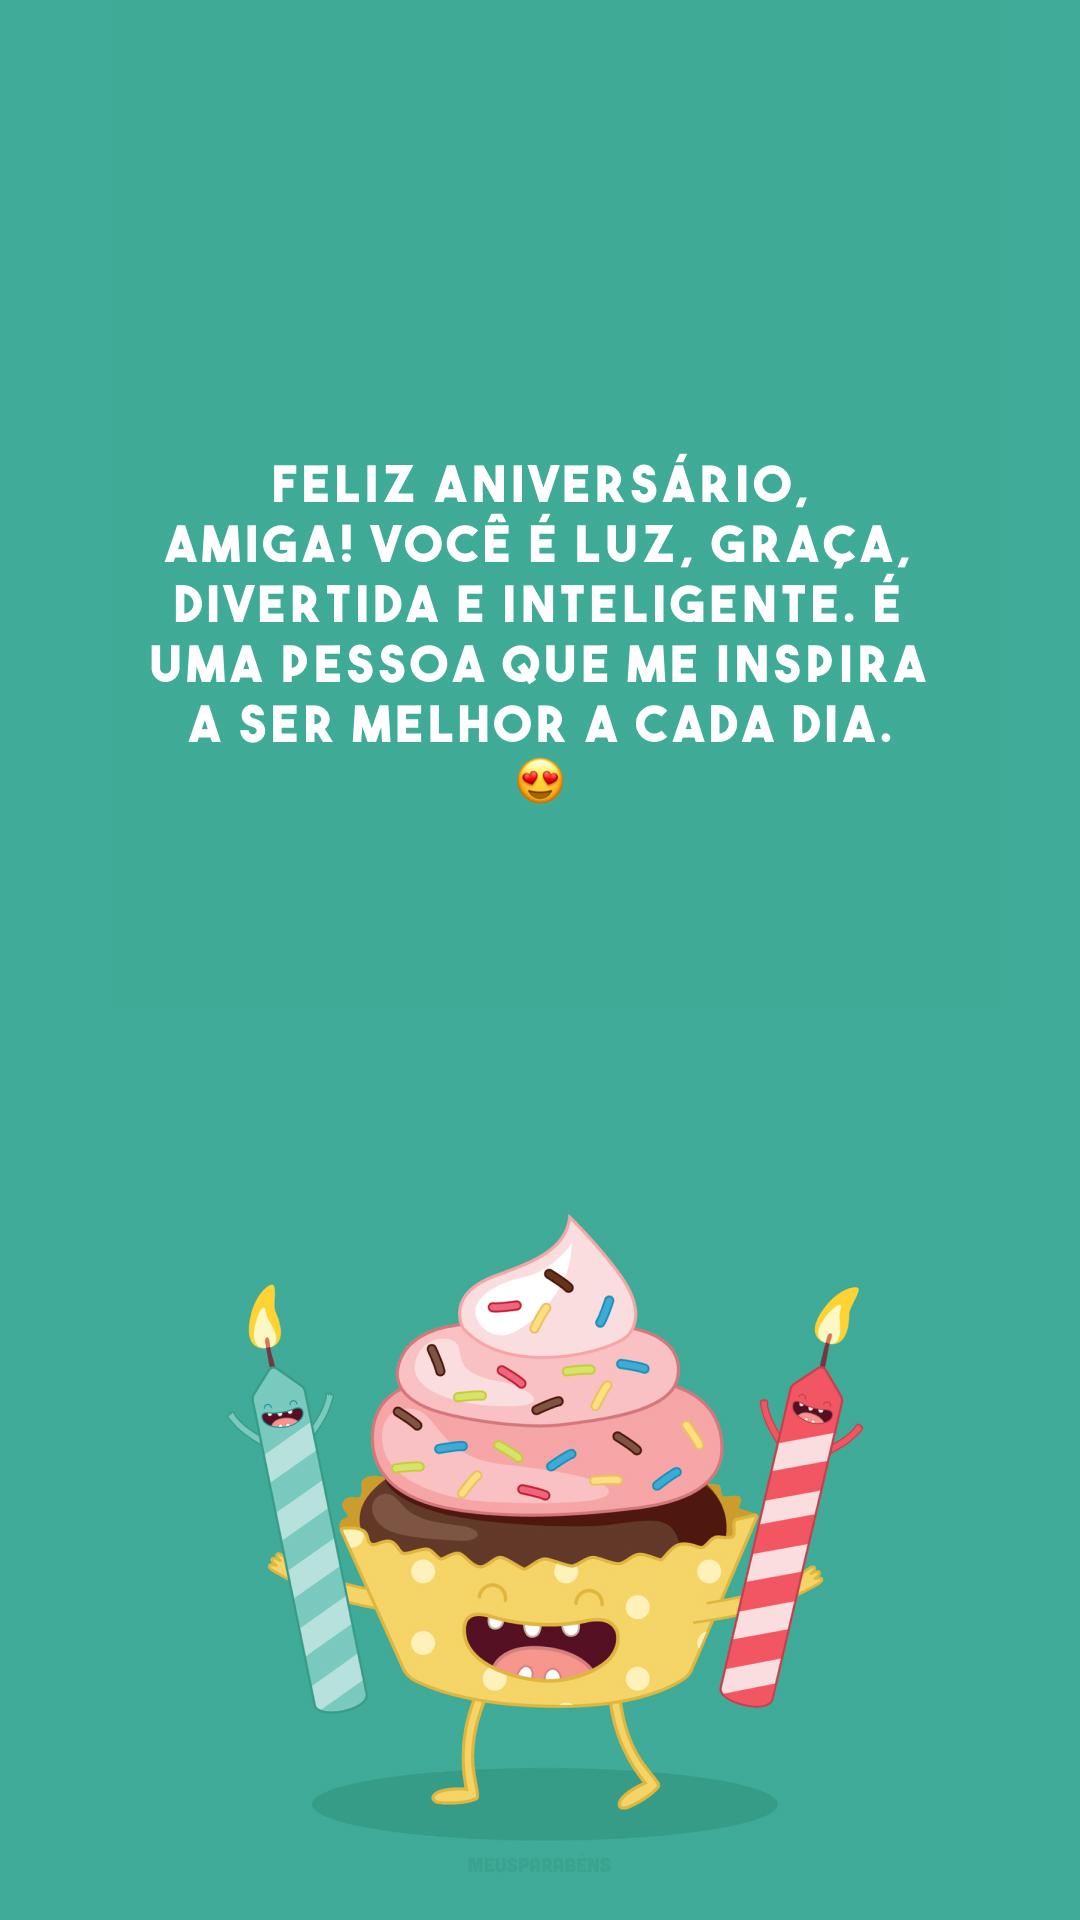 Feliz aniversário, amiga! Você é luz, graça, divertida e inteligente. É uma pessoa que me inspira a ser melhor a cada dia. 😍